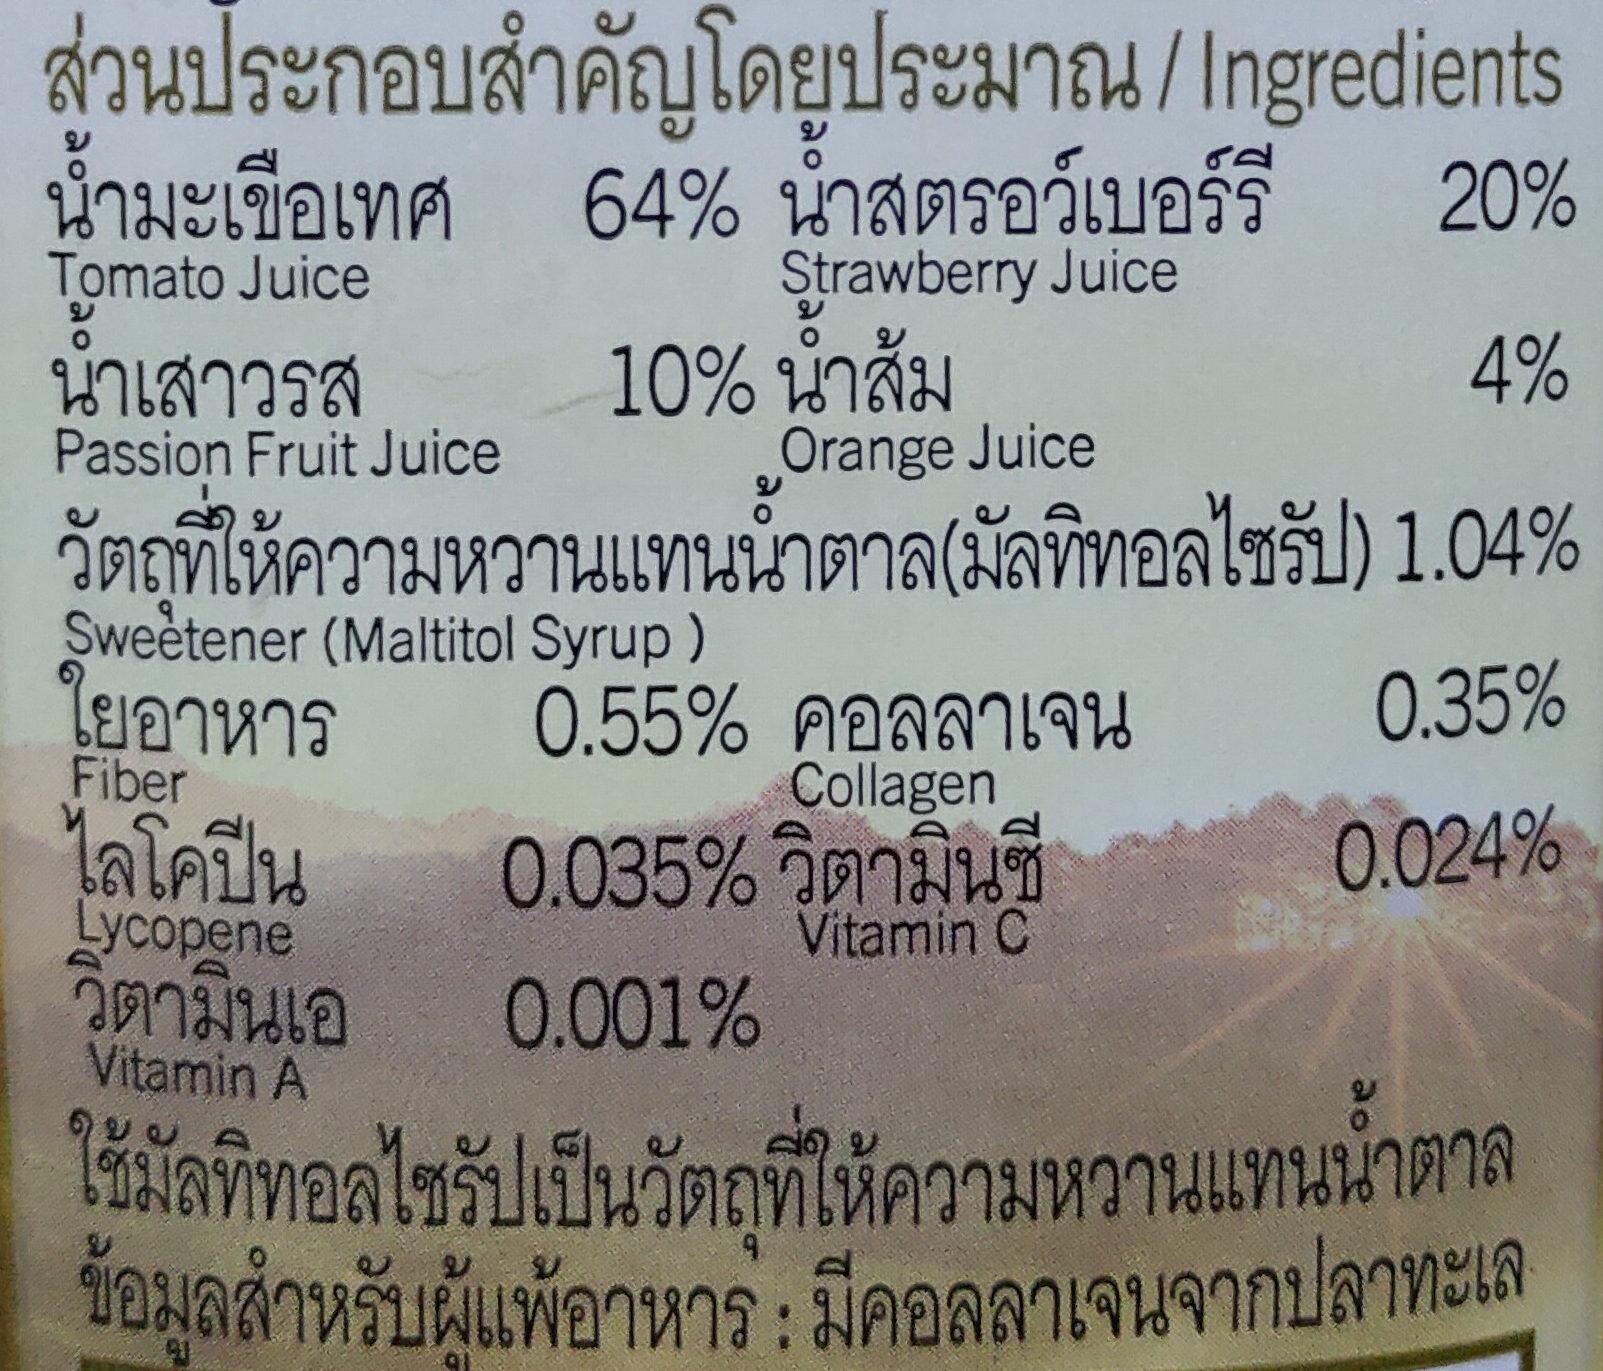 น้ำมะเขือเทศม็อกเทล - Ingredients